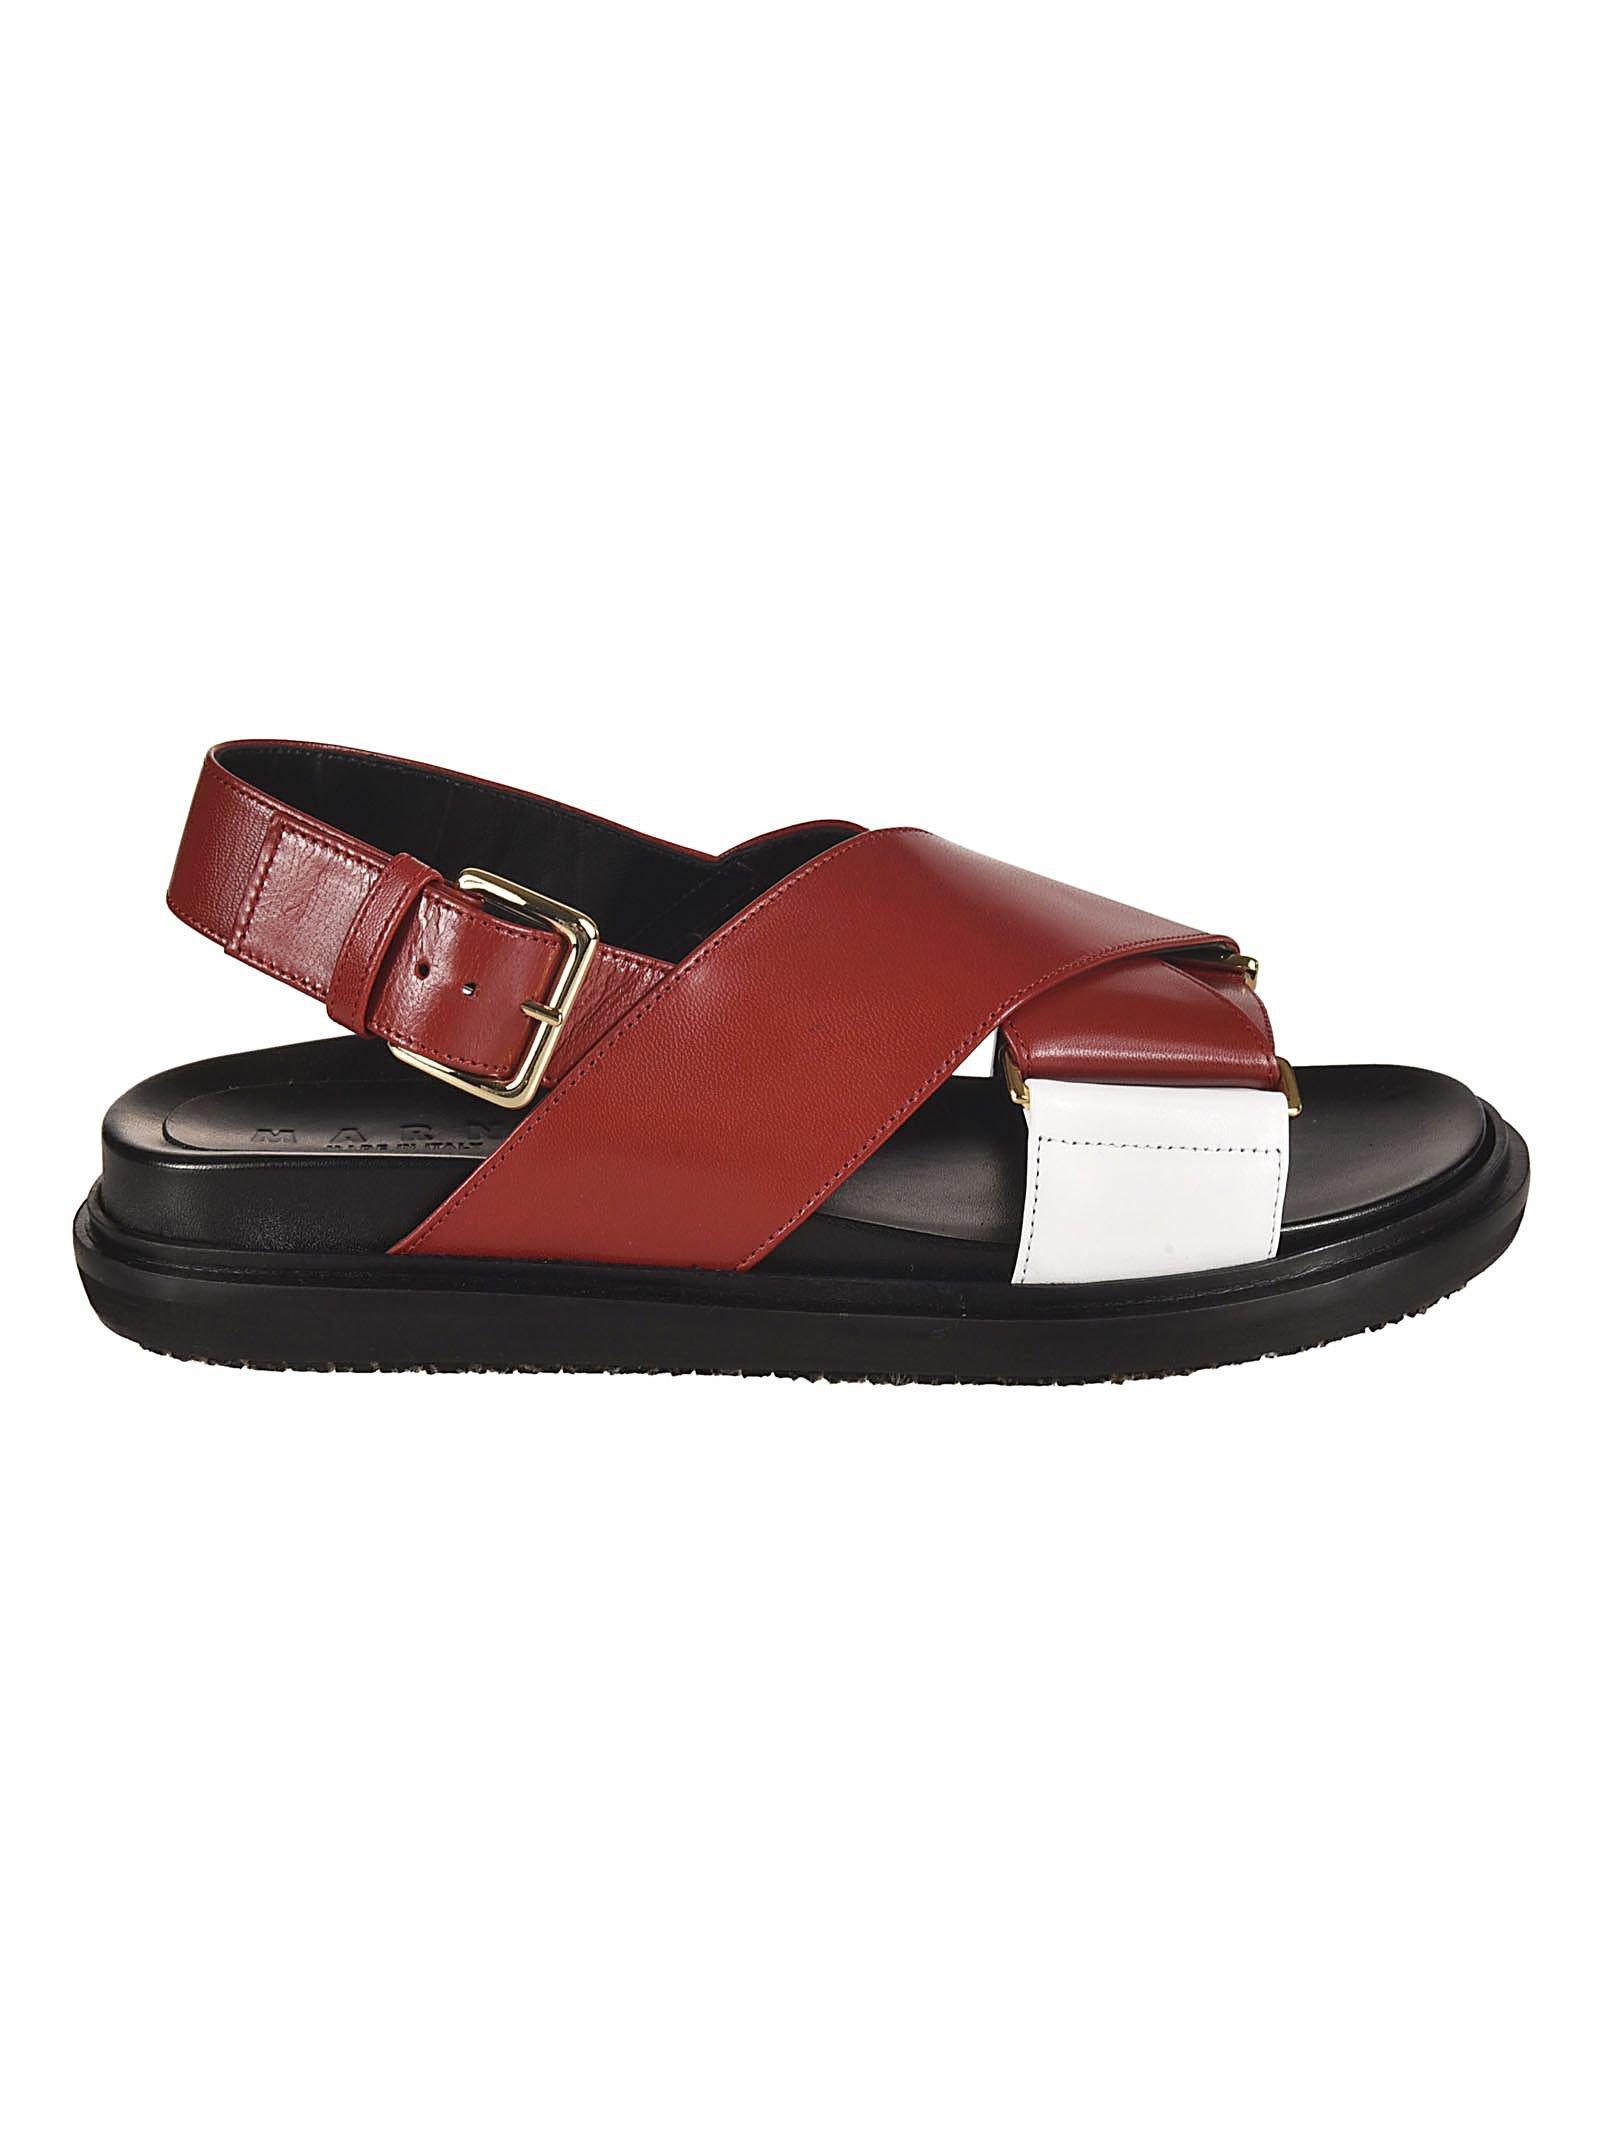 Marni Fussbett Cross-over Sandals